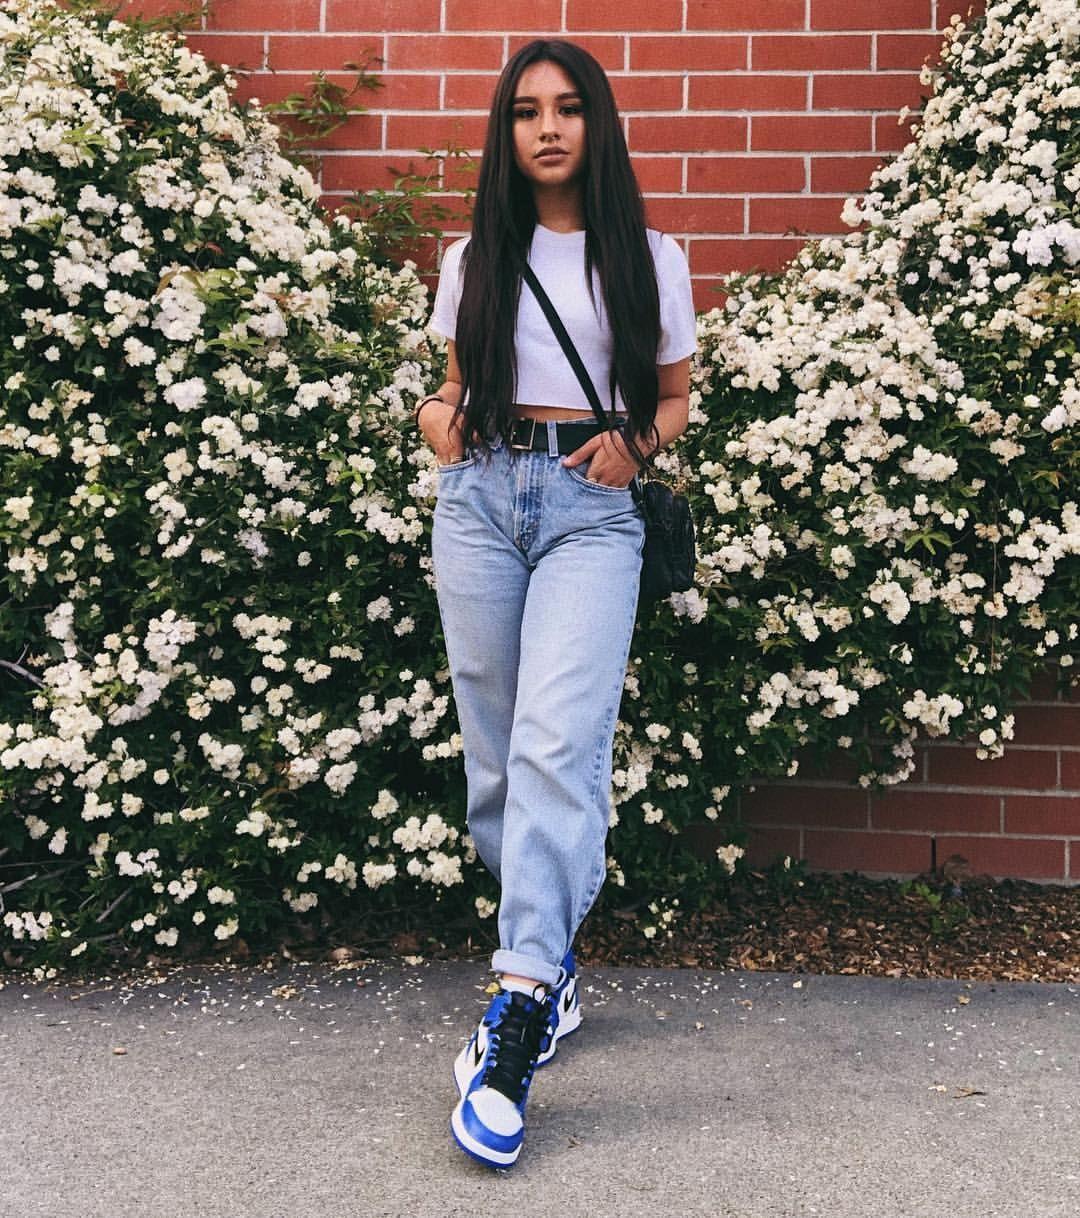 jordan 1 girl outfit